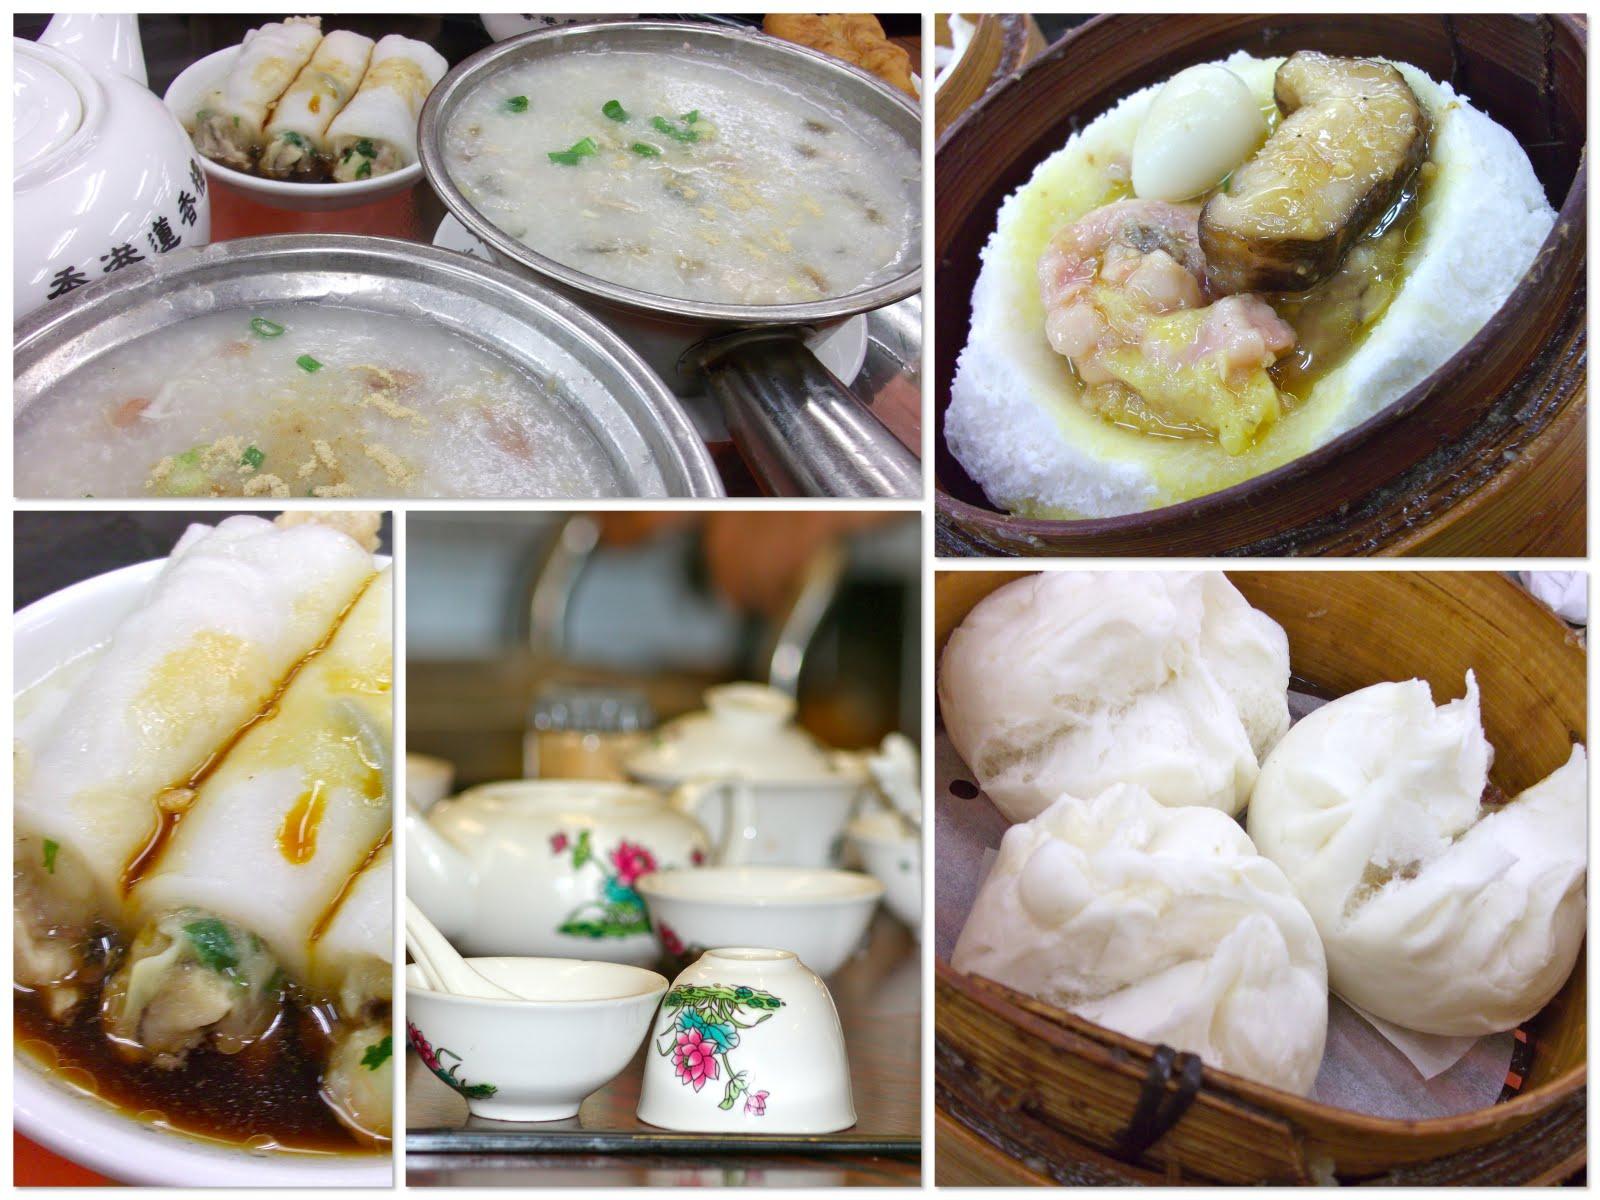 Hung Hing Restaurant Bronx Ny